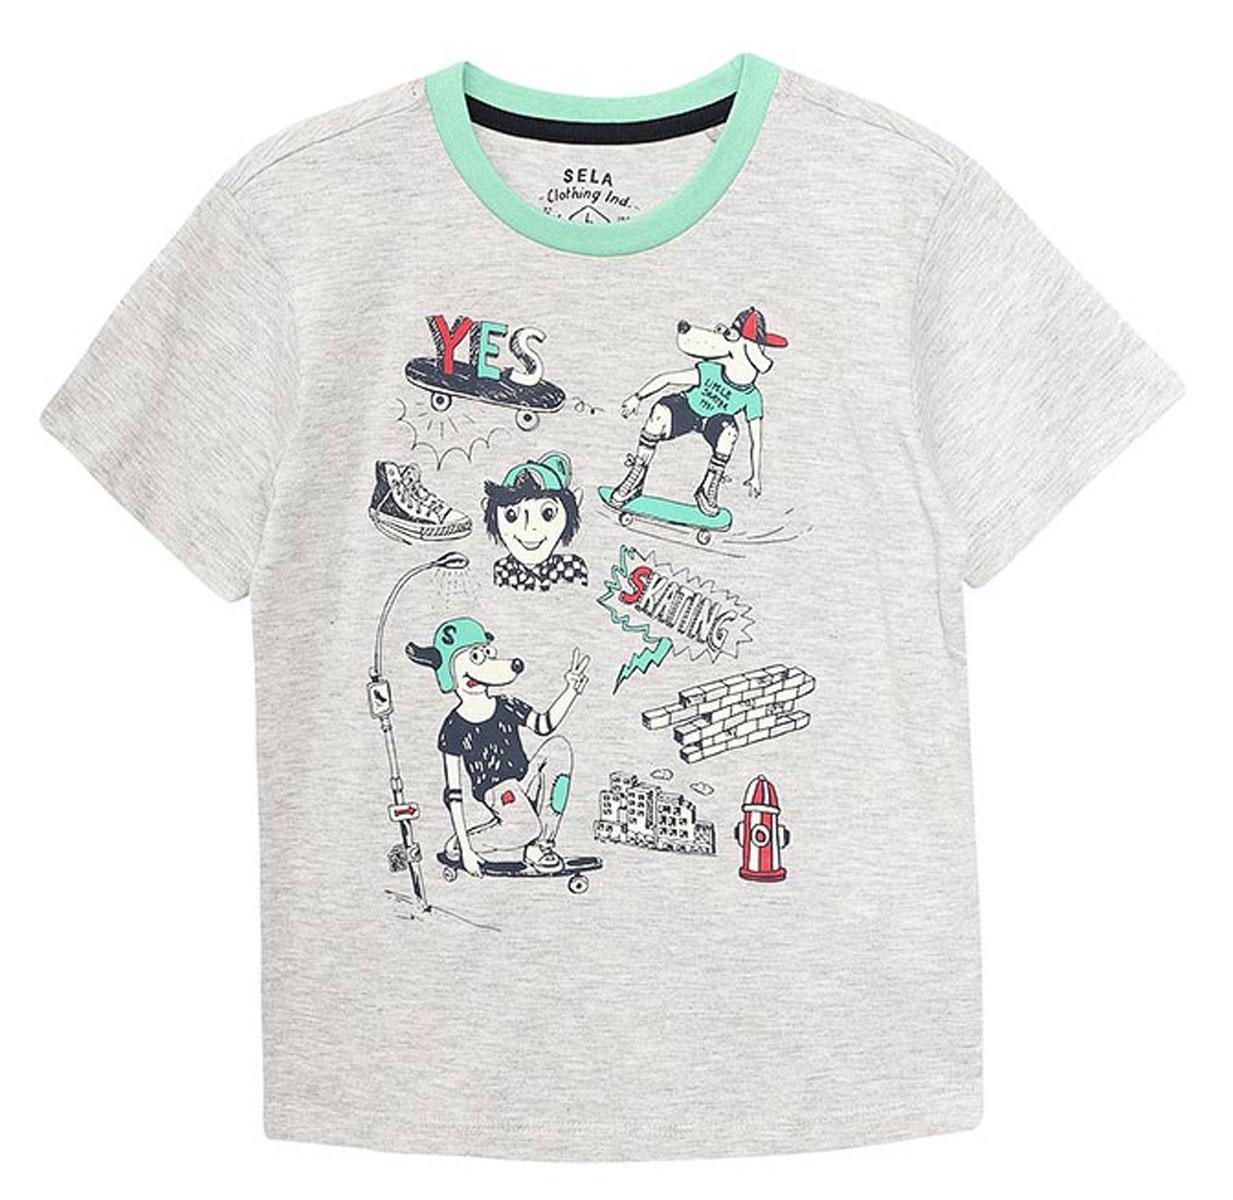 ФутболкаTs-711/416-7122Стильная футболка для мальчика Sela изготовлена из натурального хлопка и оформлена оригинальным принтом. Воротник дополнен мягкой трикотажной резинкой контрастного цвета. Яркий цвет модели позволяет создавать модные образы.